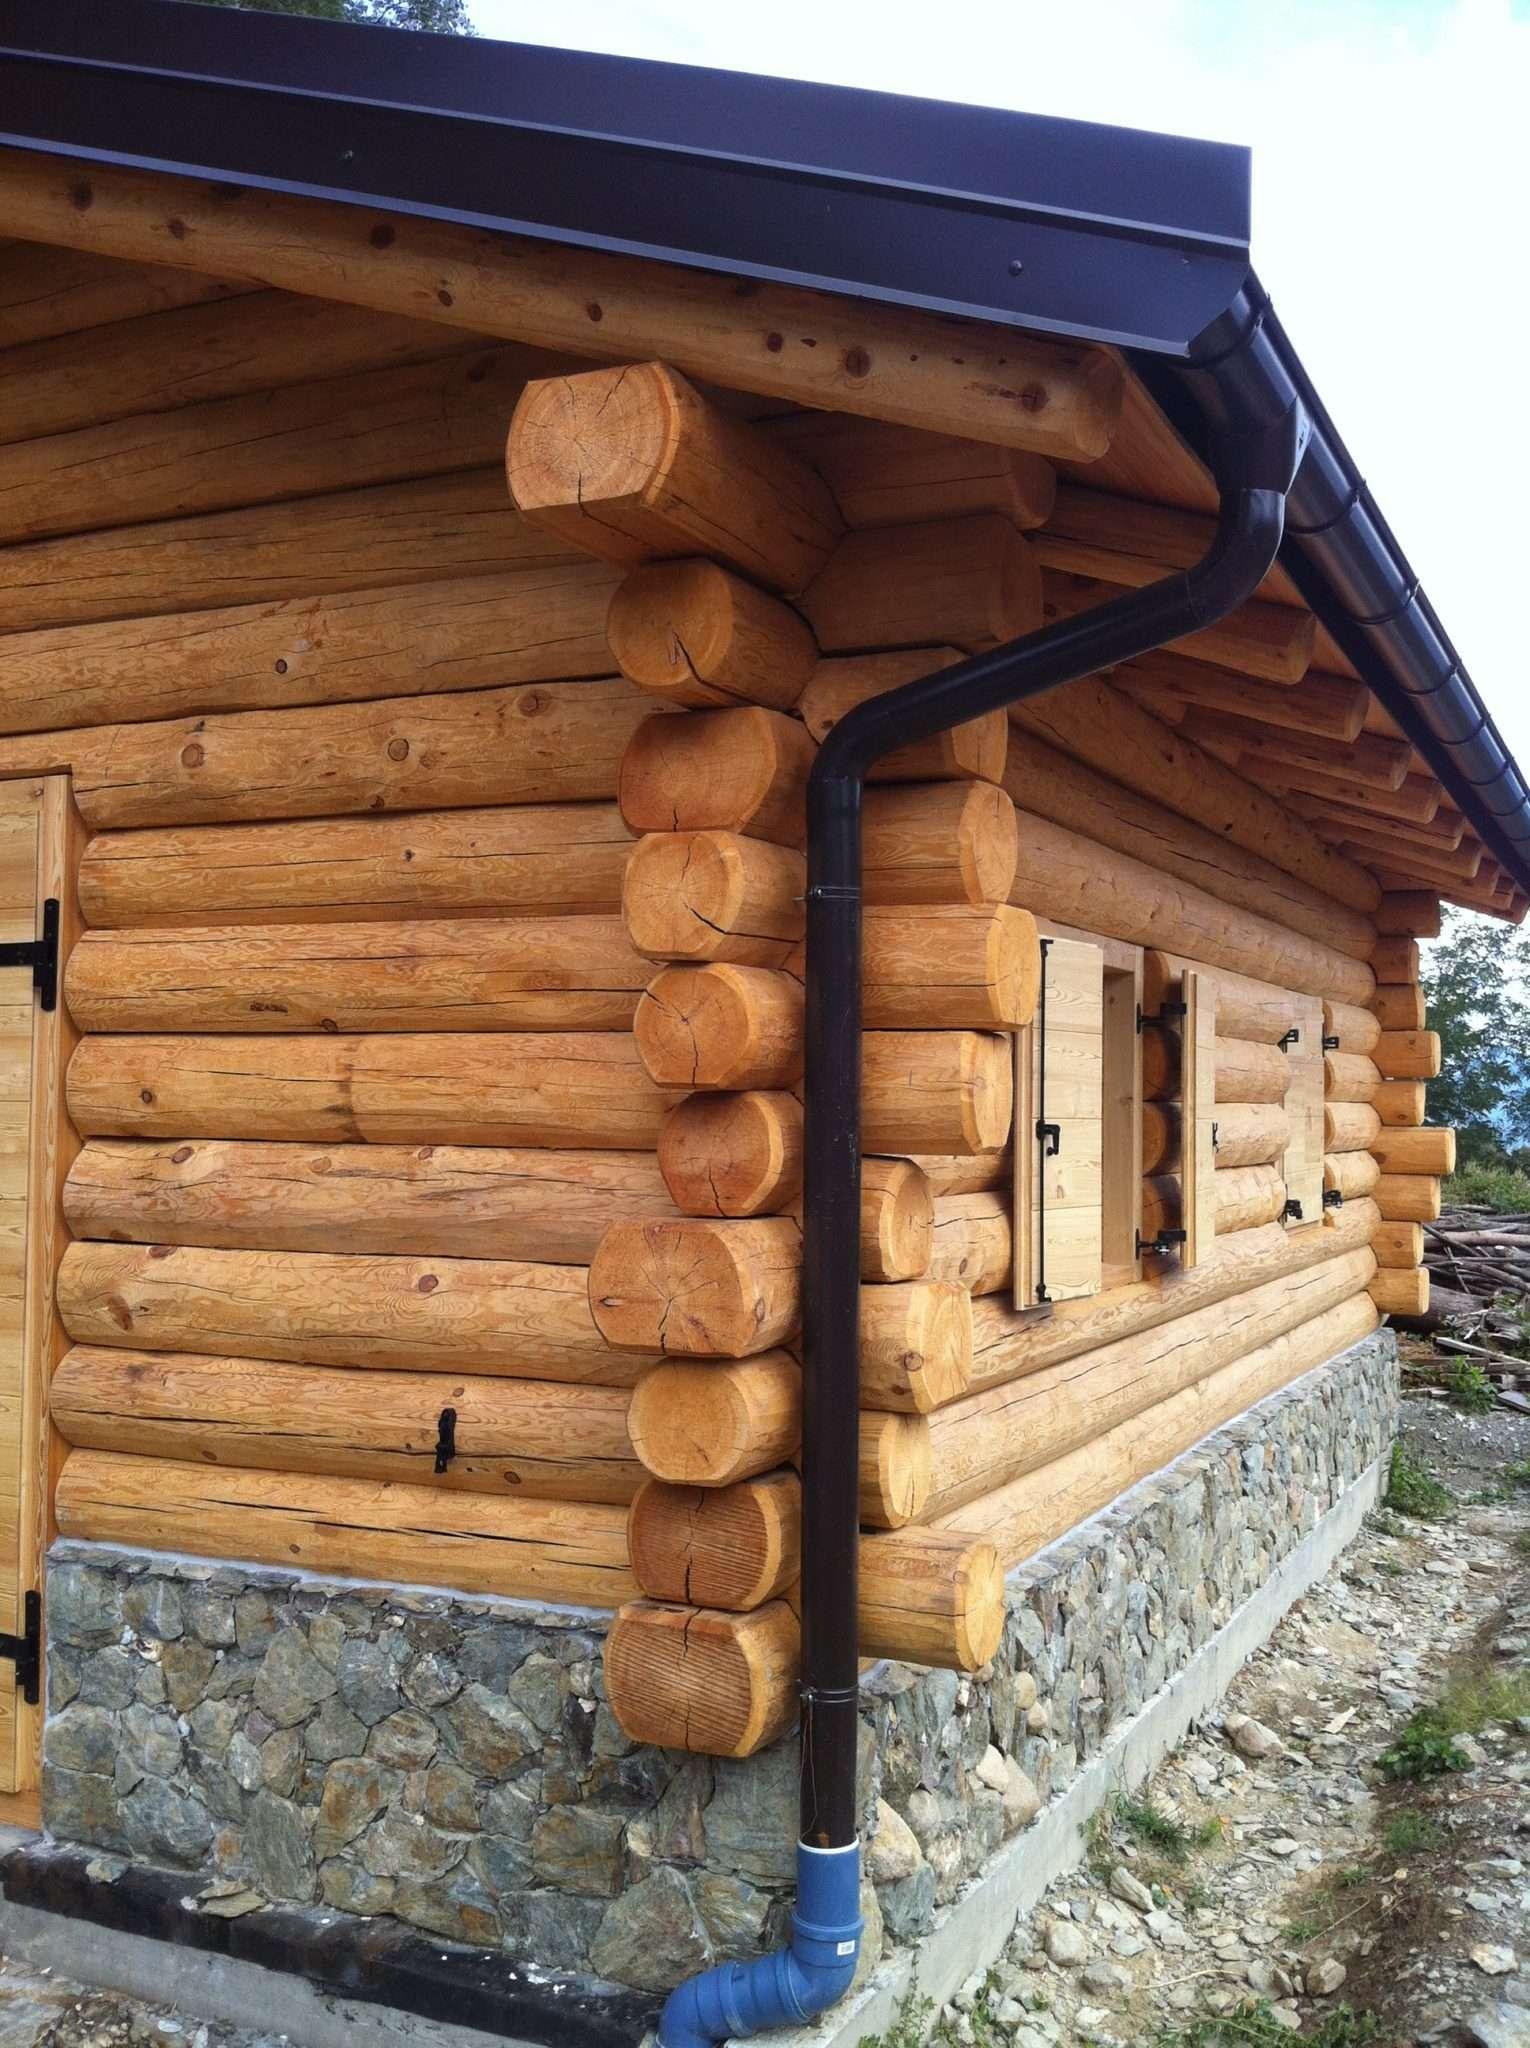 Casa in tronchi incastrati case in legno e falegnameria for Case di legno in romania